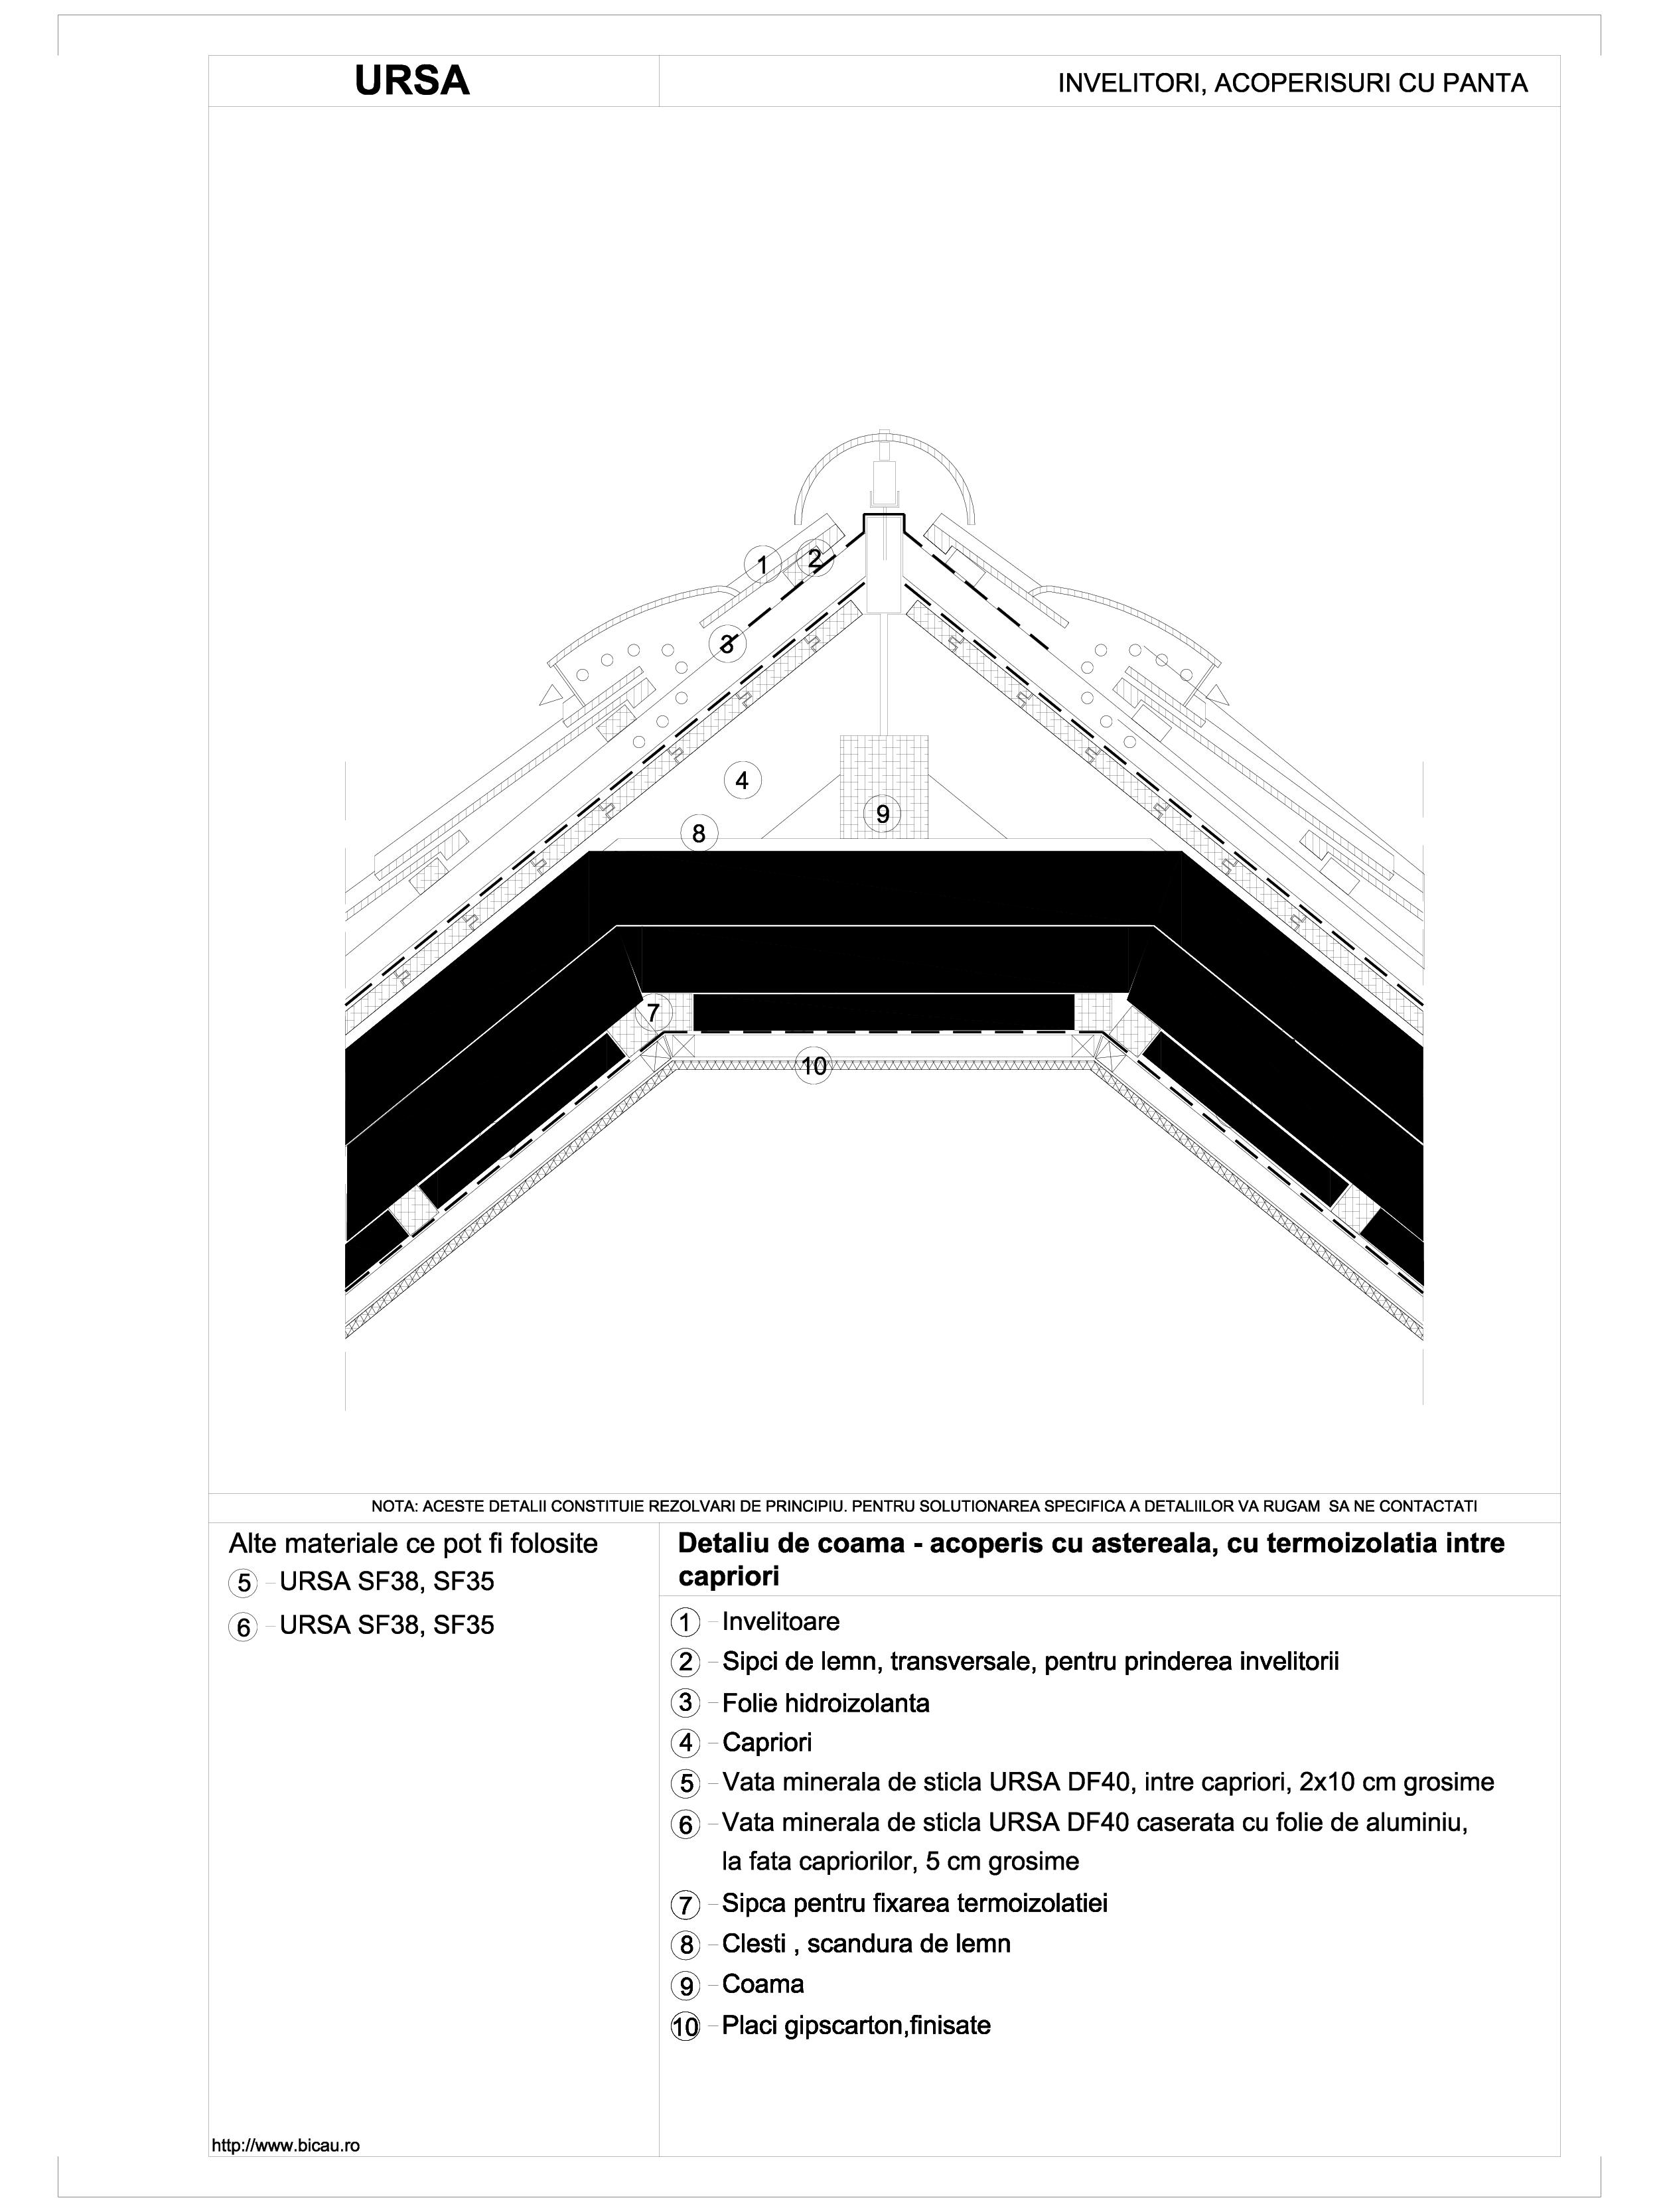 Detaliu de coama - acoperis cu astereala, cu termoizolatia intre capriori SF 38 URSA Vata minerala pentru acoperisuri si mansarde URSA ROMANIA   - Pagina 1